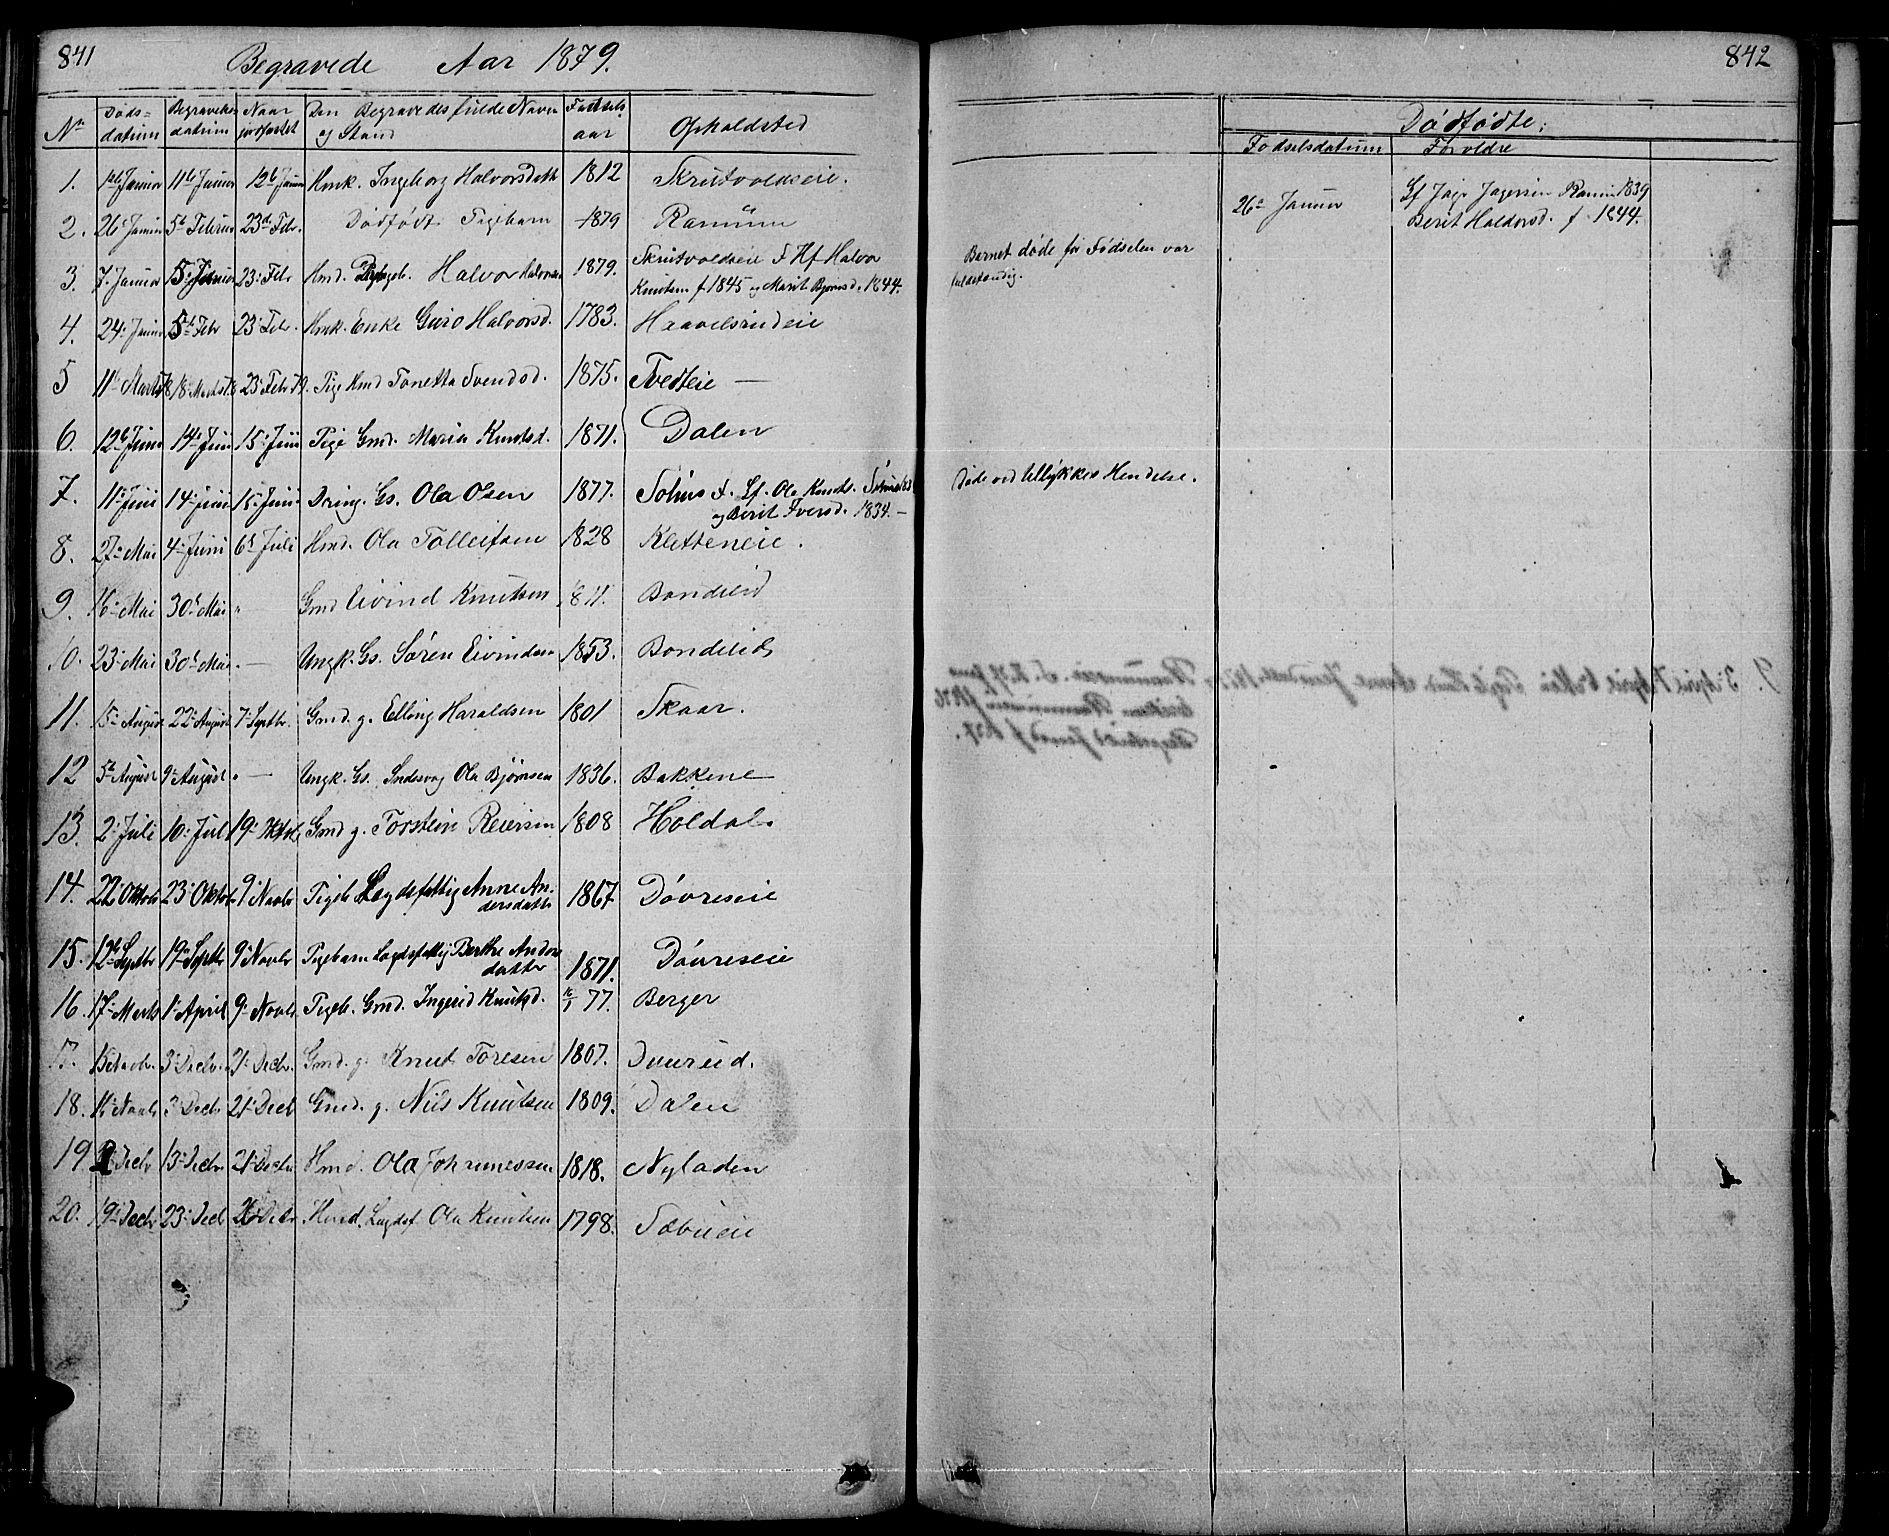 SAH, Nord-Aurdal prestekontor, Klokkerbok nr. 1, 1834-1887, s. 841-842